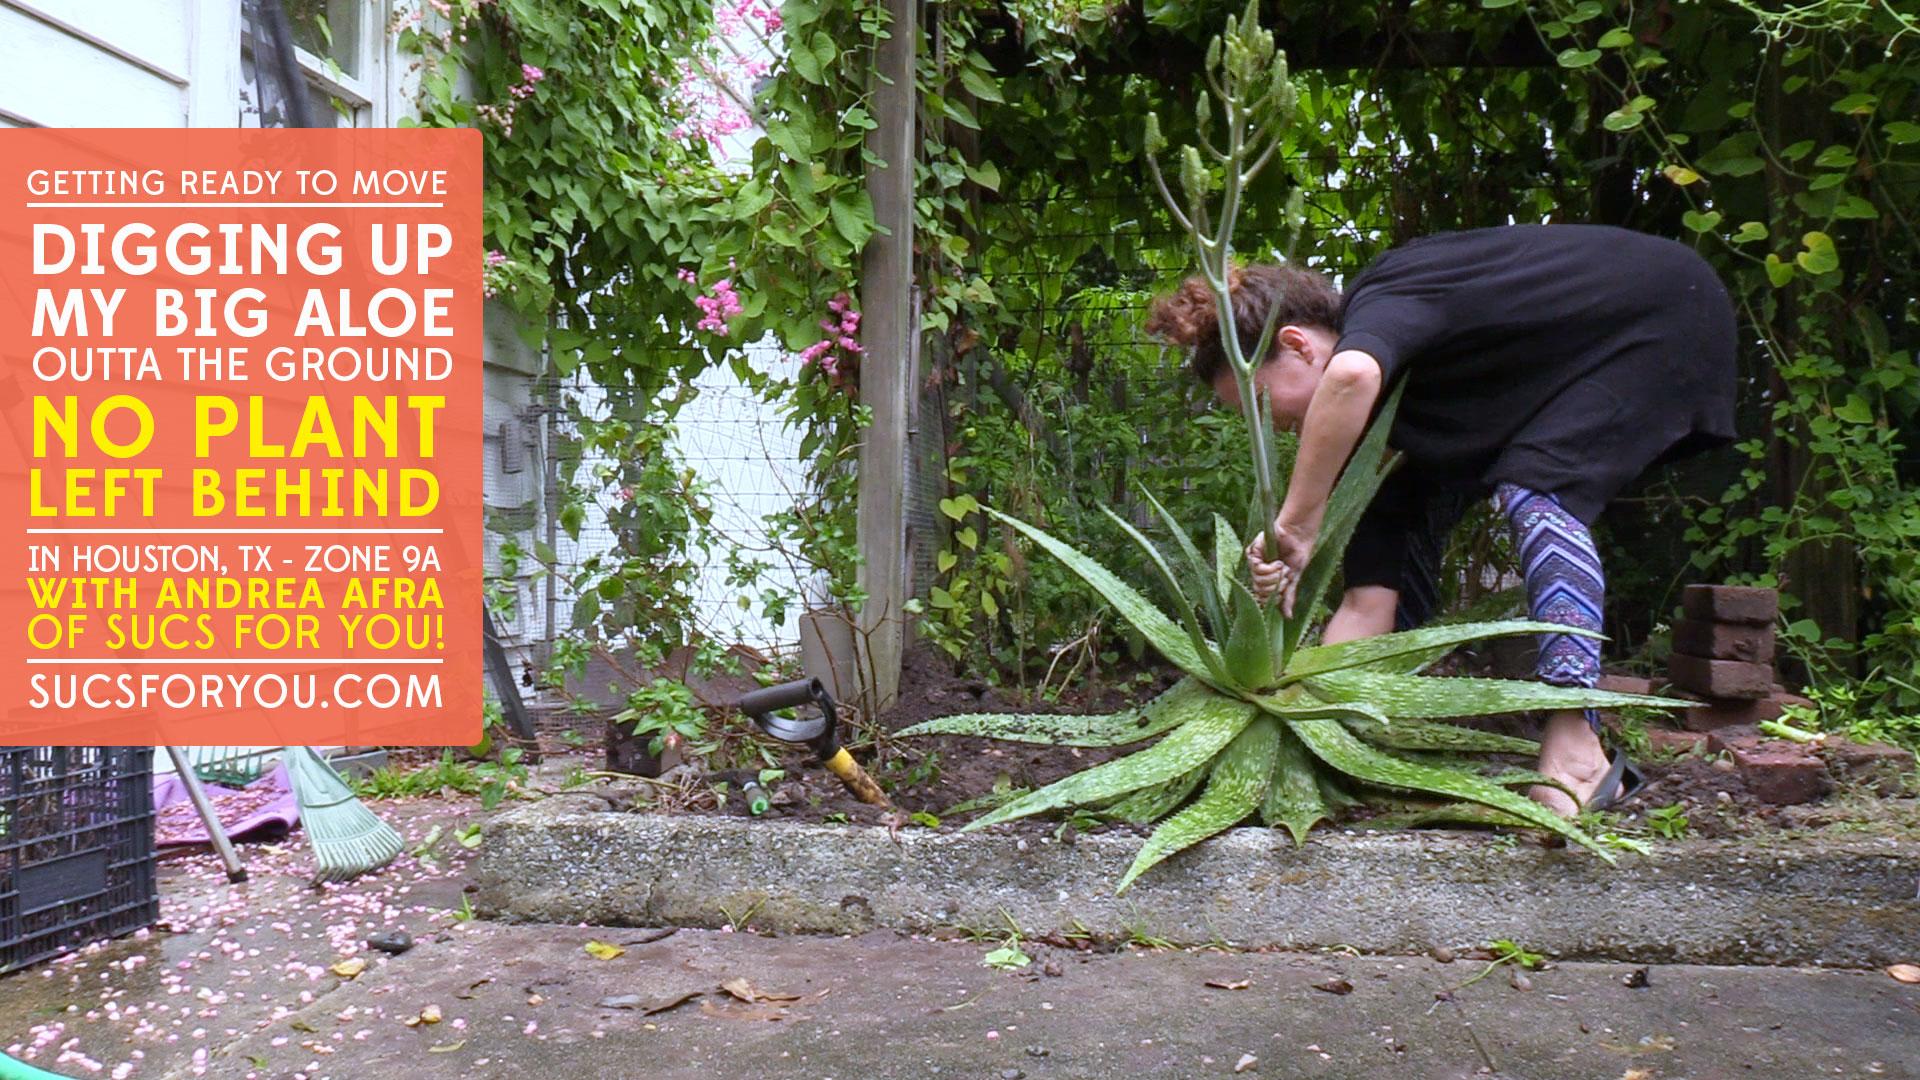 Digging up a big Aloe